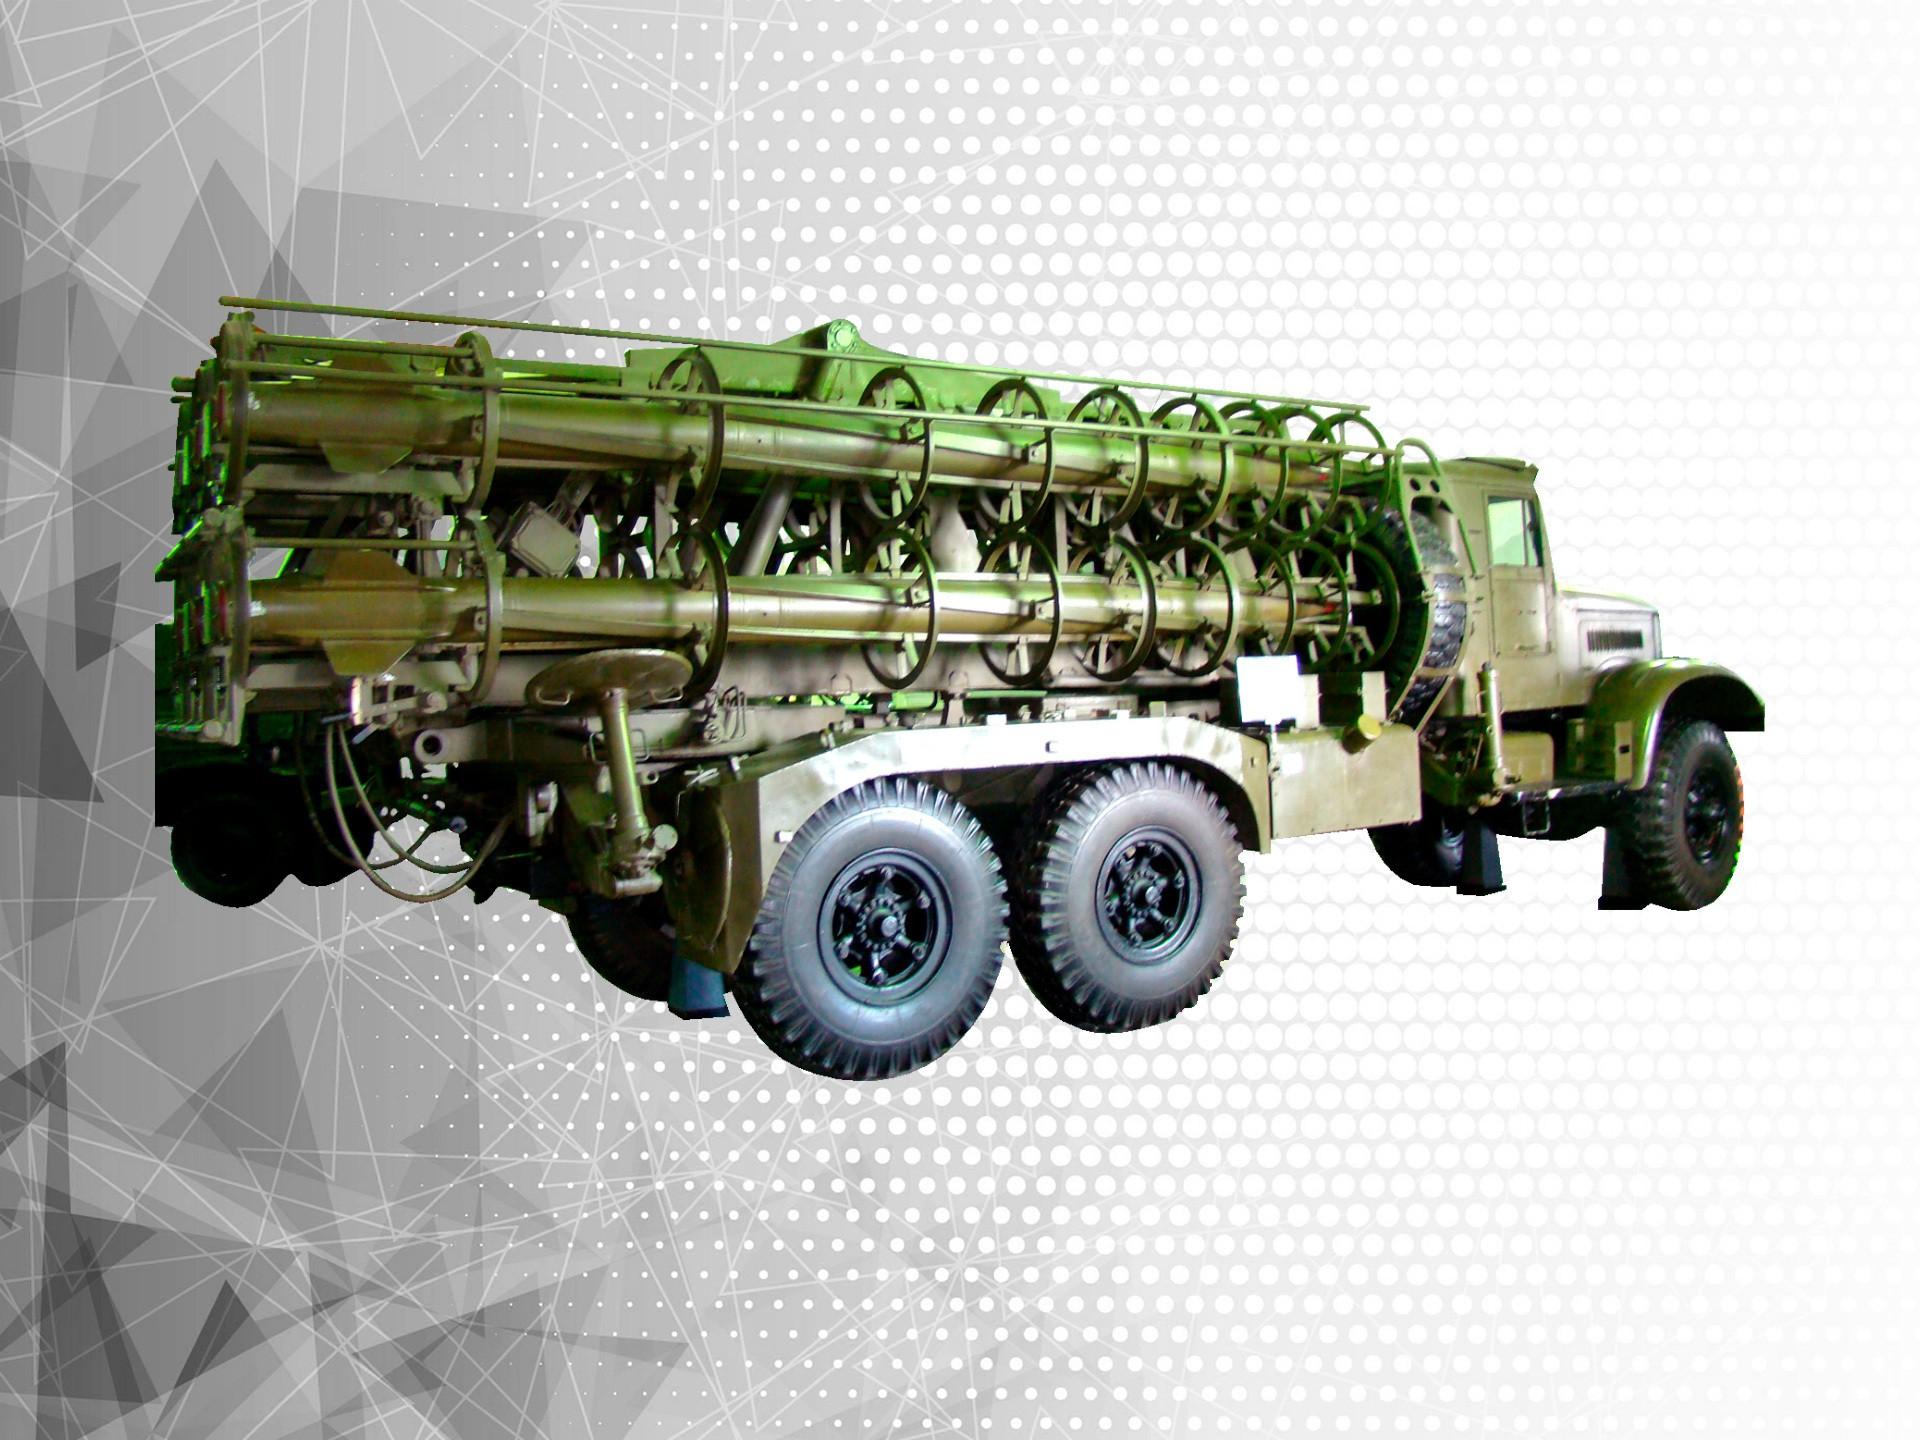 Послевоенная тяжёлая автотехника для Советской армии